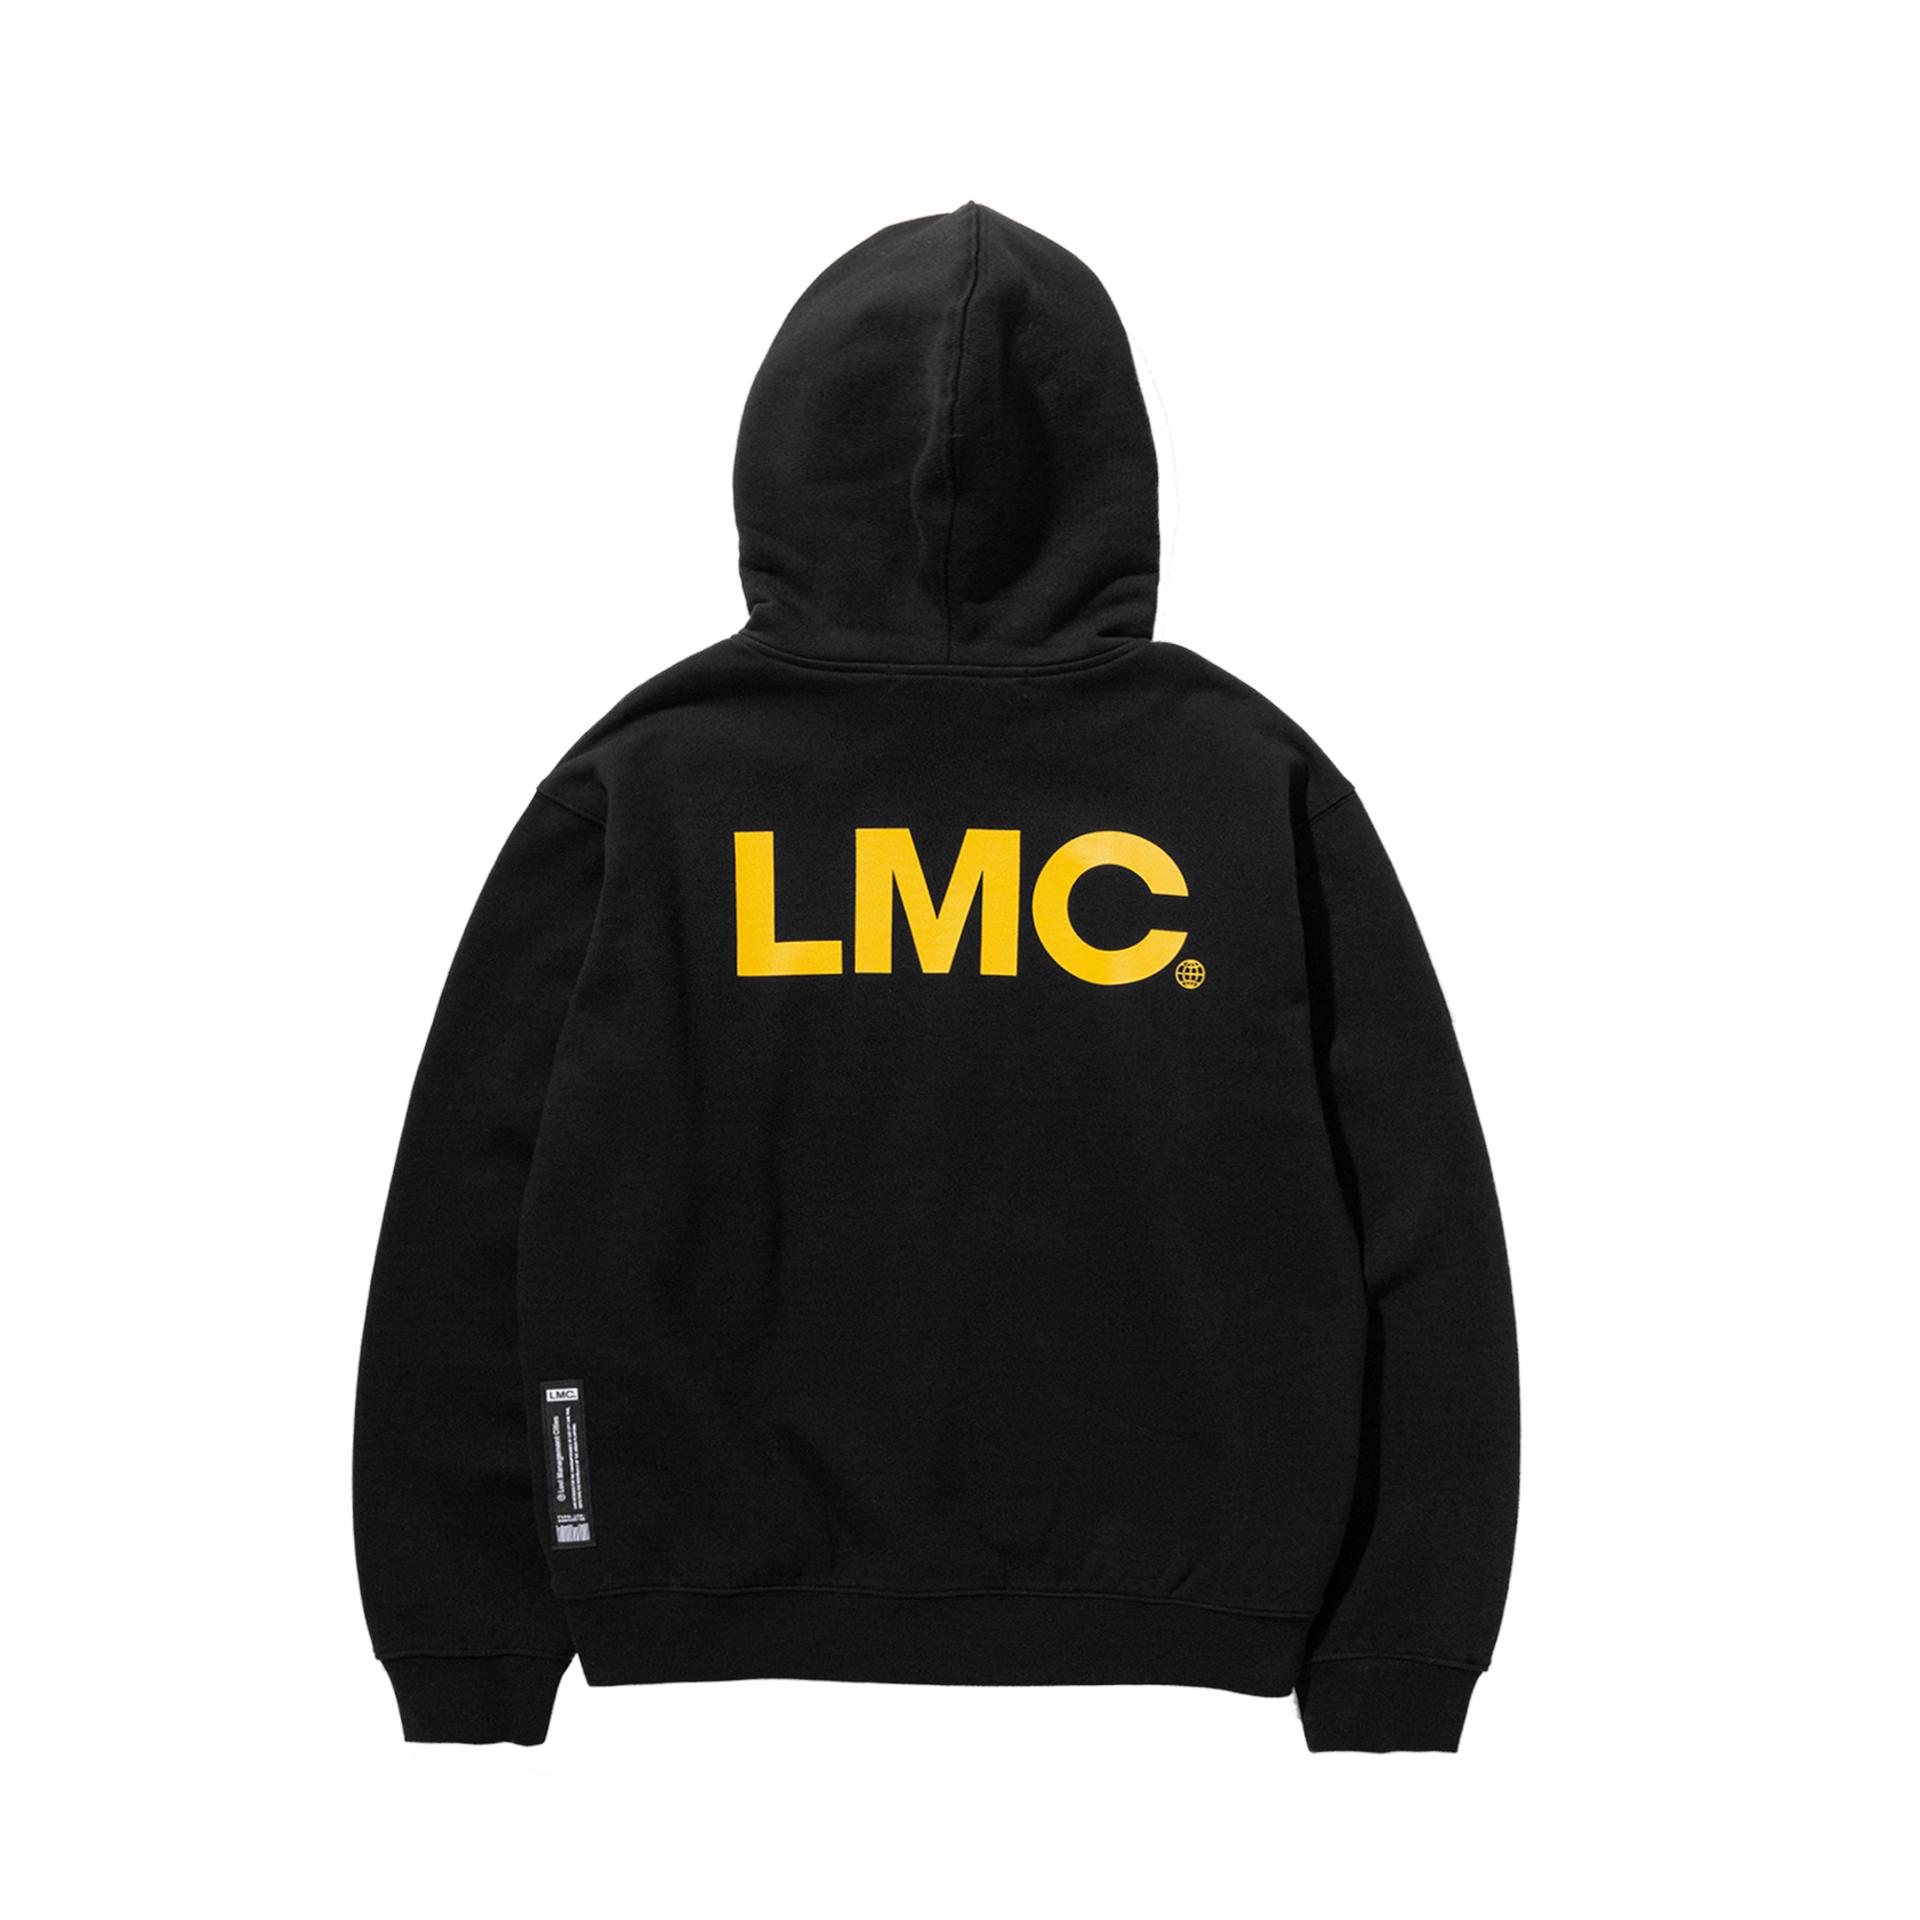 엘엠씨(LMC) LMC OG HOODIE bk/yl